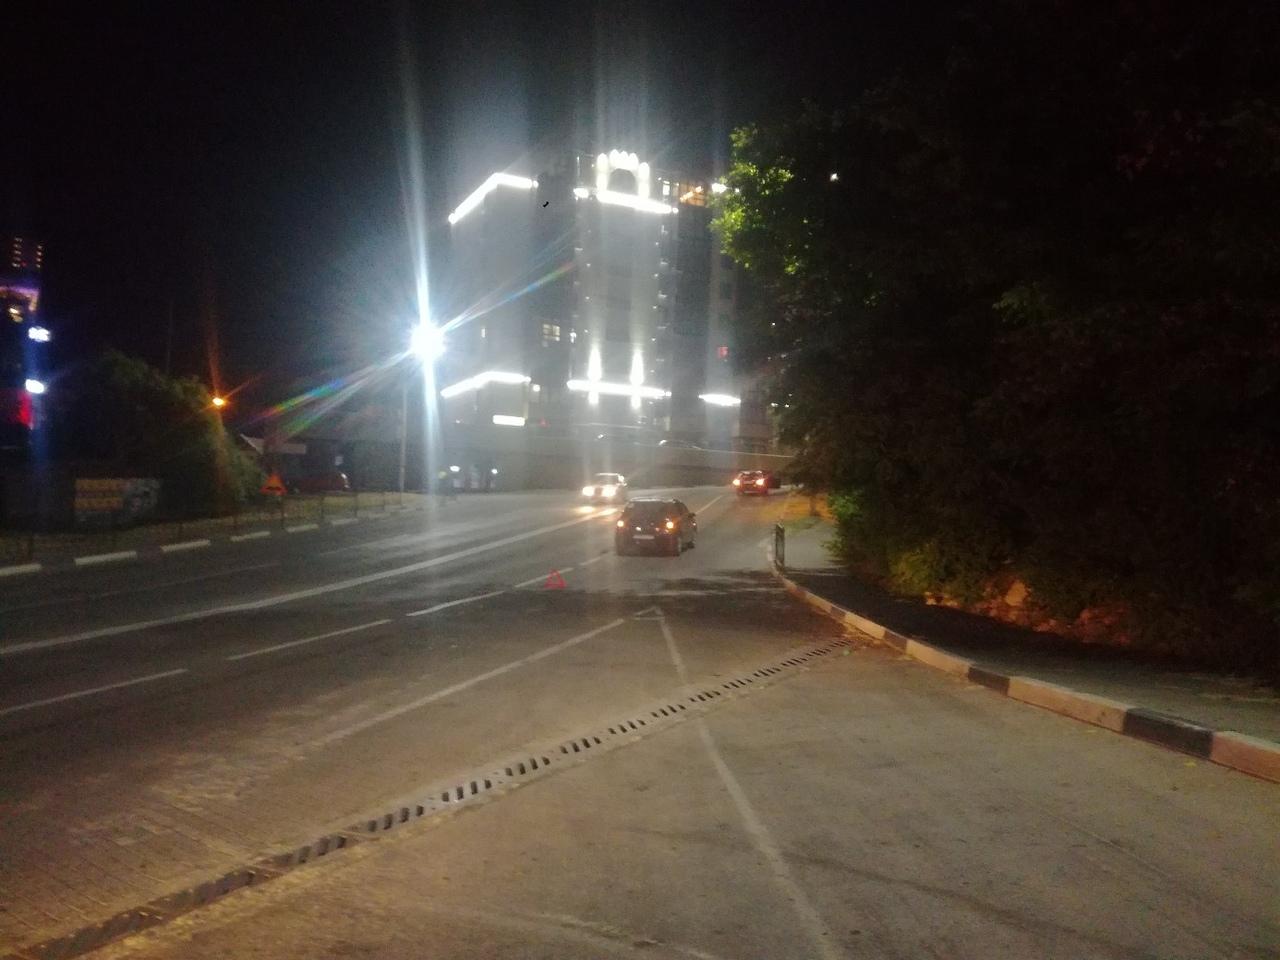 «Это фиаско»: в Севастополе два мужчины скрылись с места ДТП, оставив свои документы